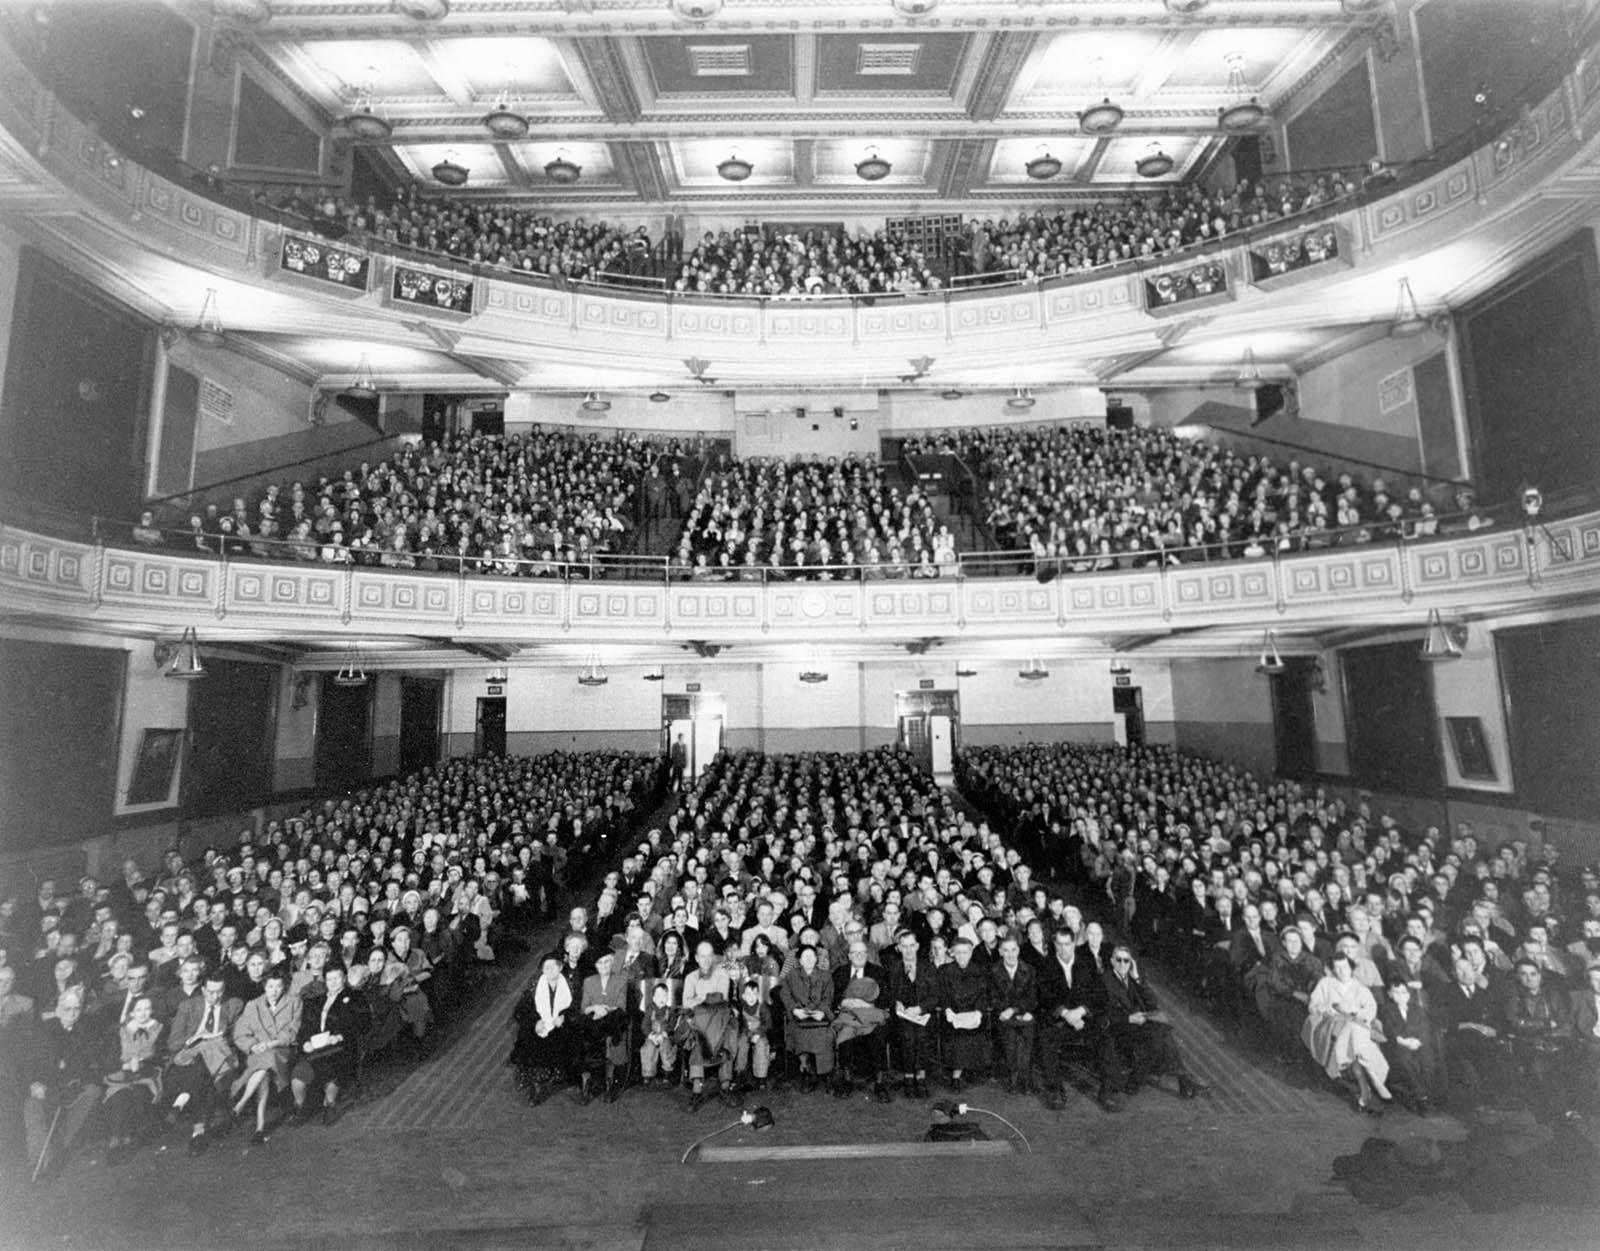 matc auditorium